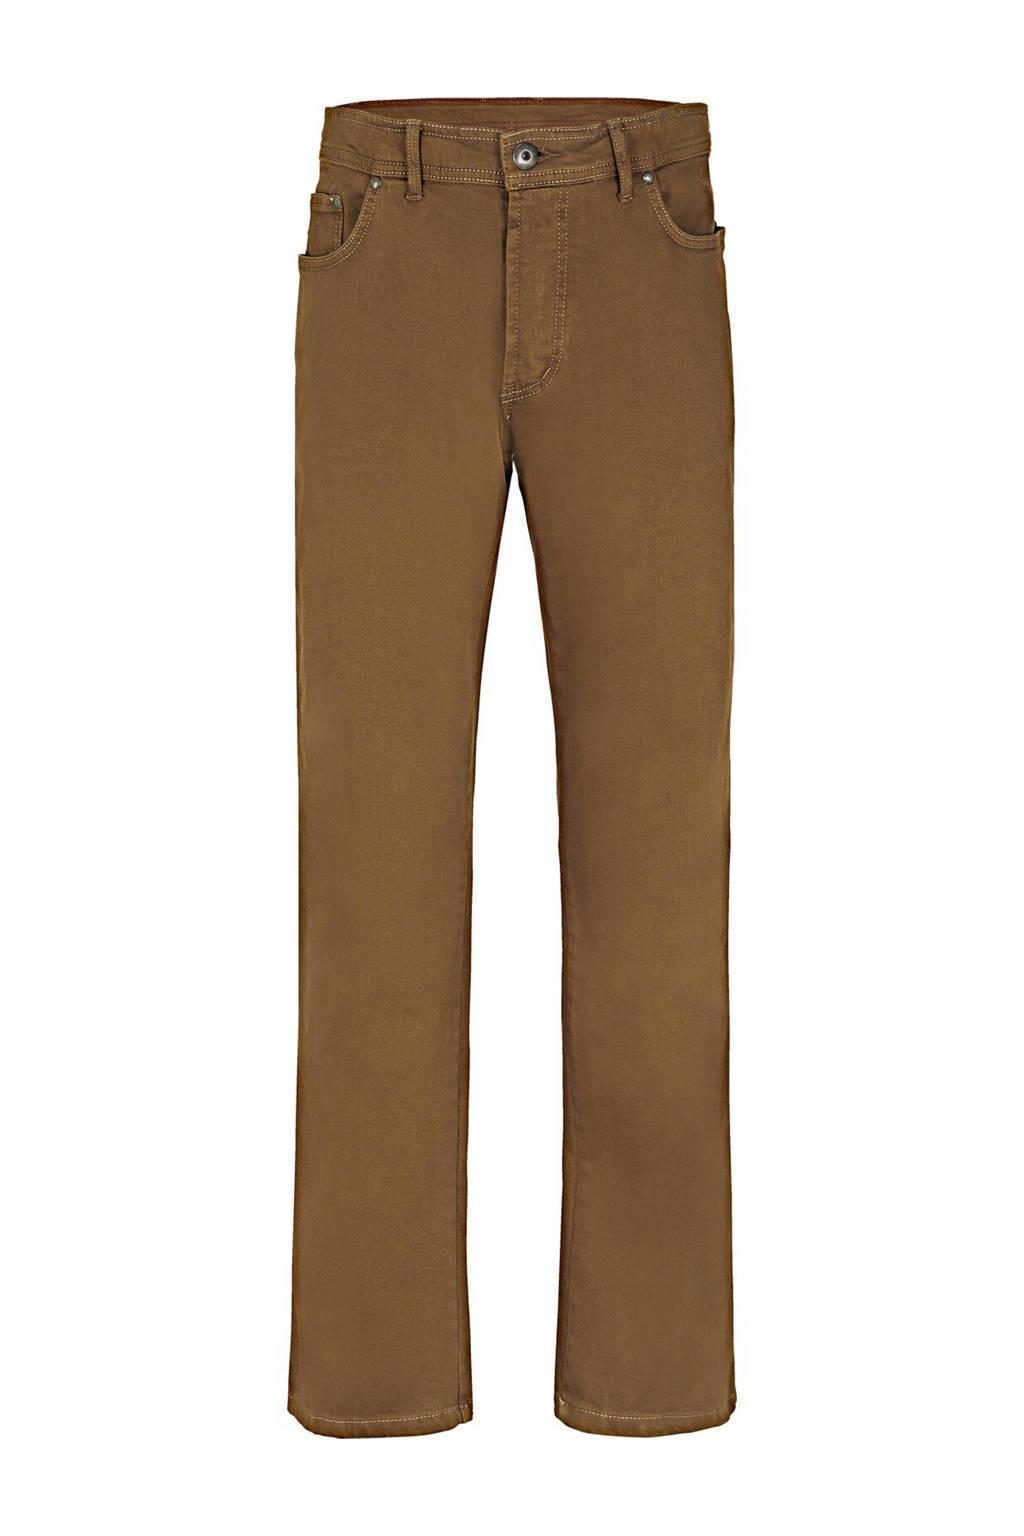 Jan Vanderstorm loose fit broek Plus Size Gunnar camel, Camel